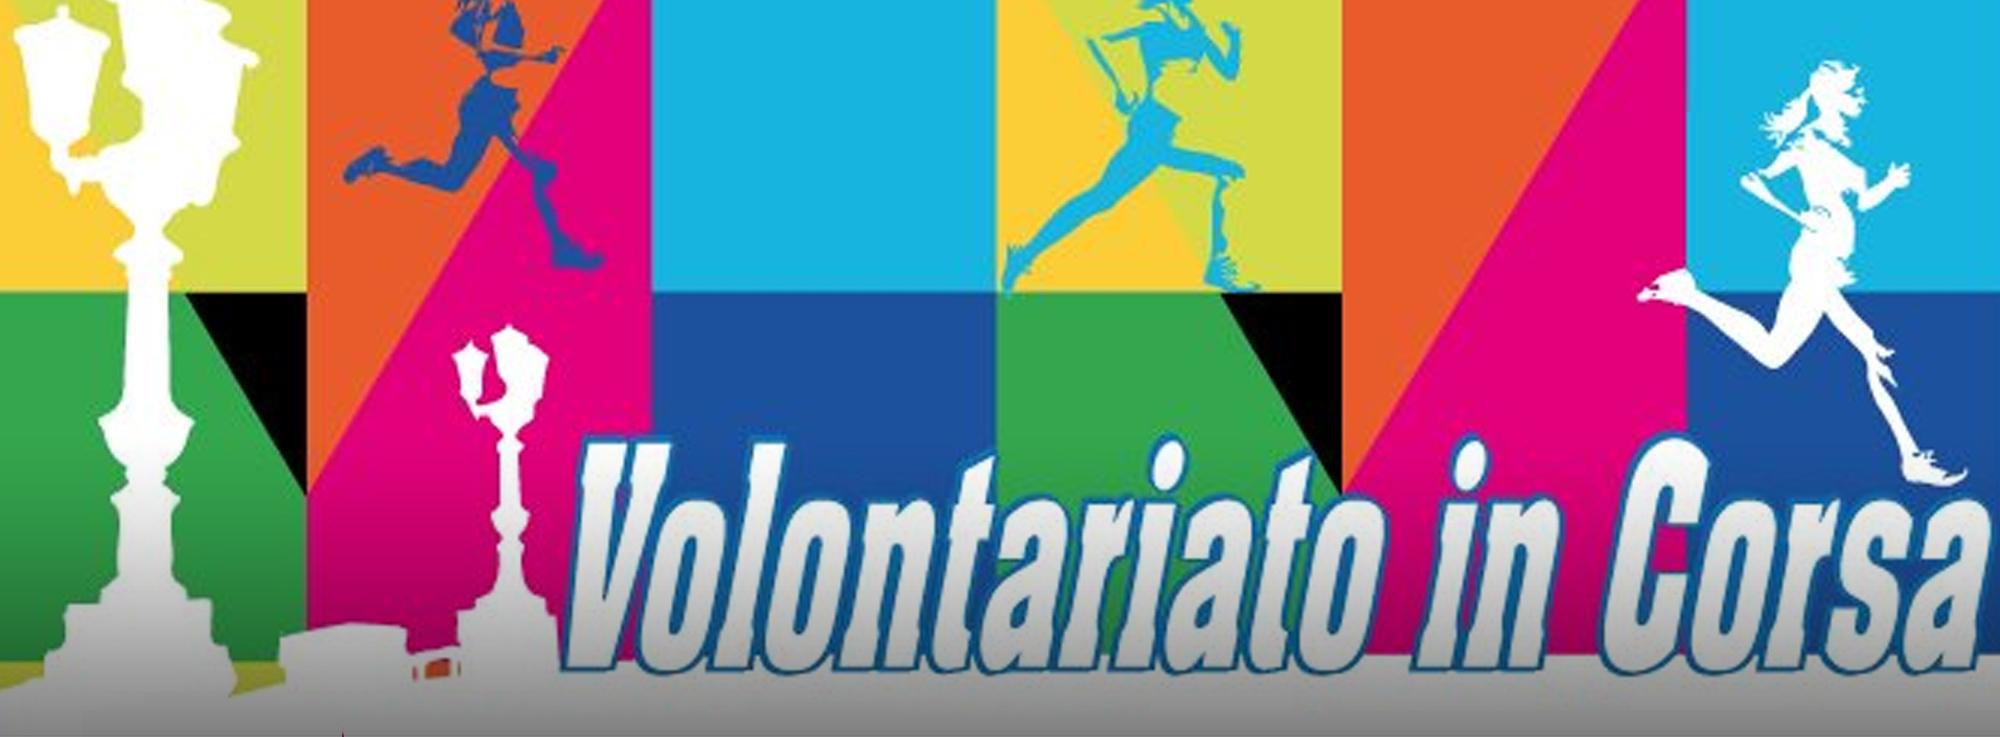 Bari: Volontariato in corsa